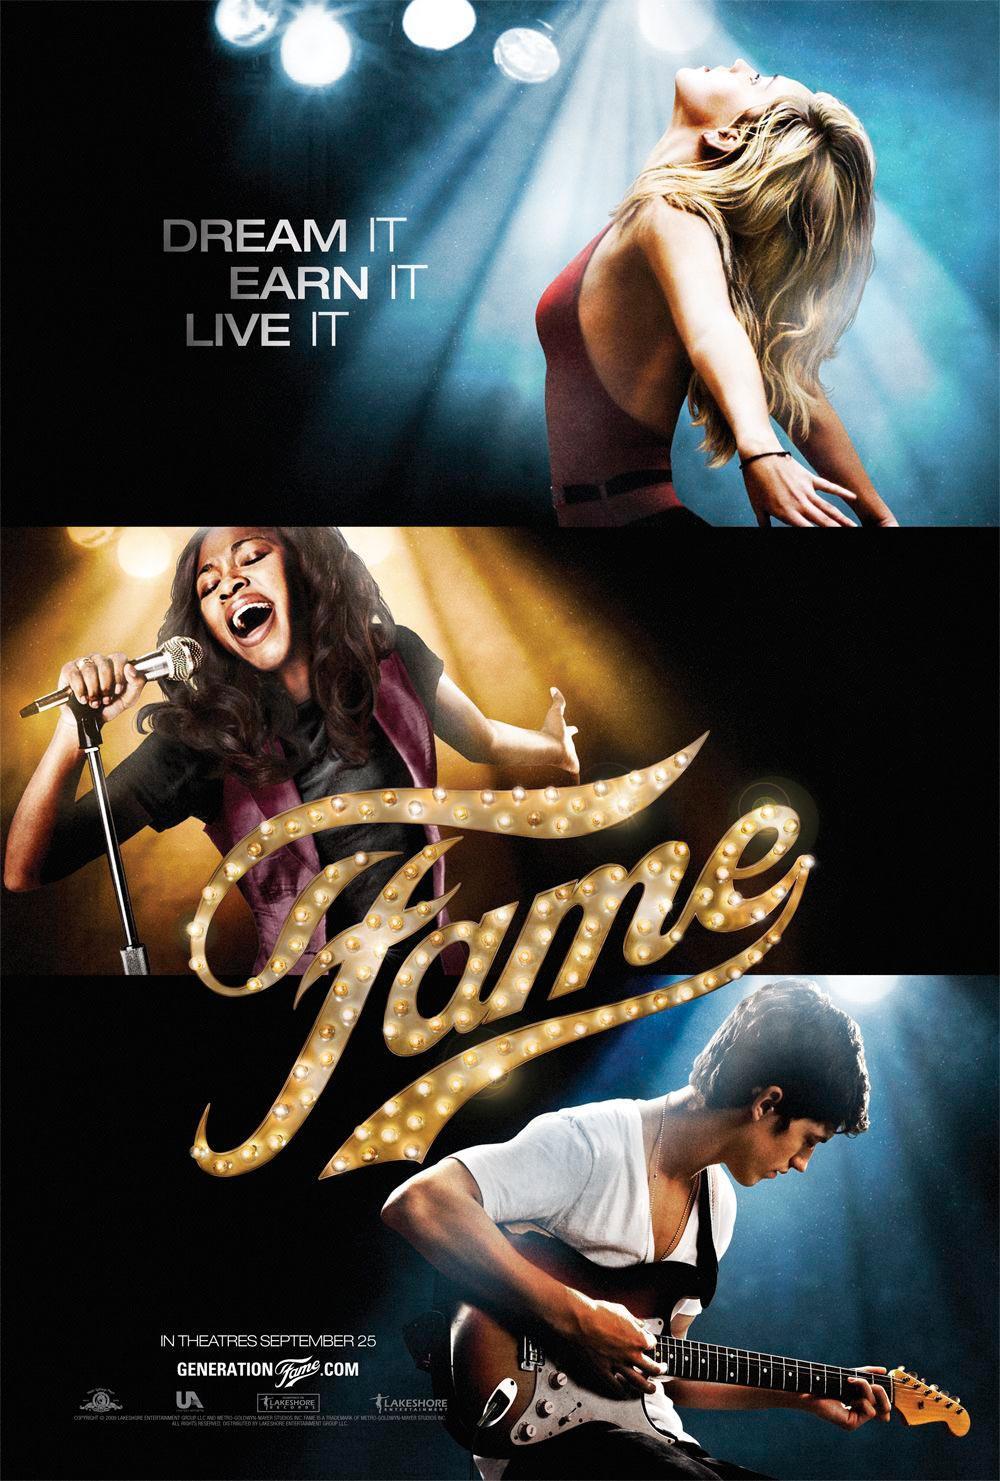 fame-new-movie-poster.jpg (1000×1481)